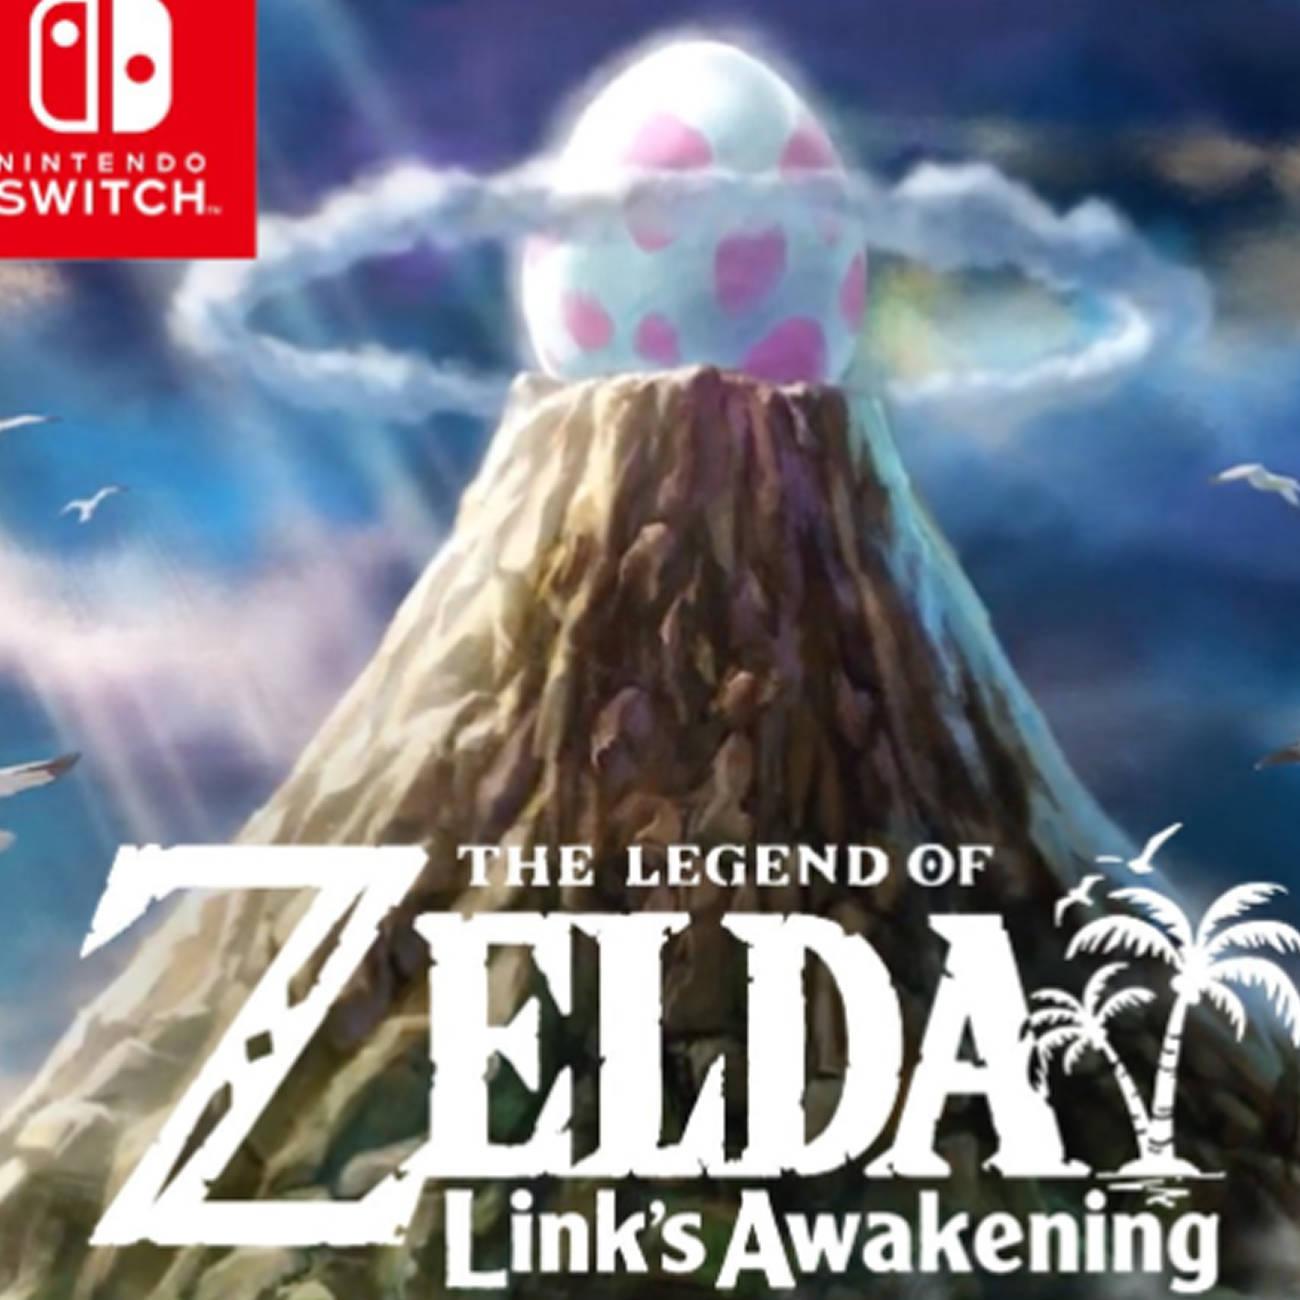 ゼルダの伝説 夢をみる島、スイッチ版マルチプレイモード